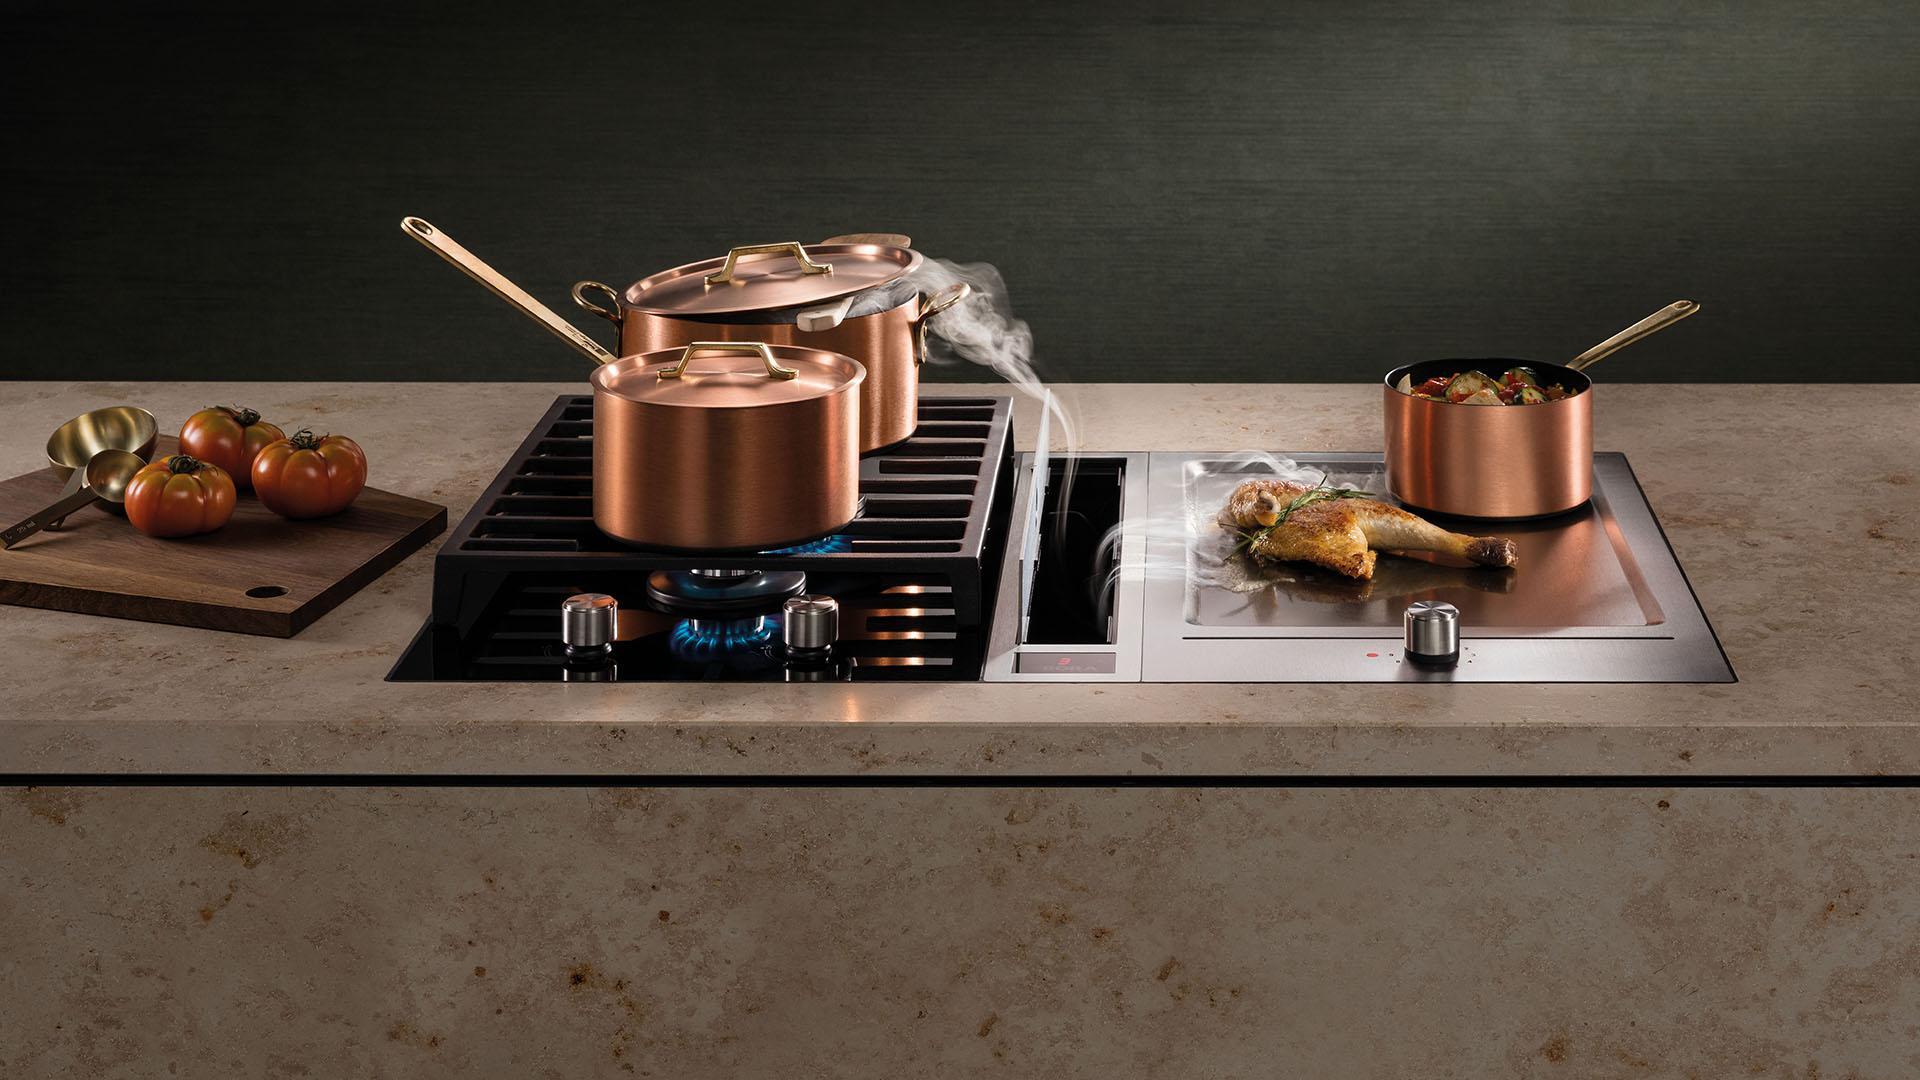 aspiration des vapeur et des odeurs lors de la cuisson des aliments pour cuisine équipée moderne